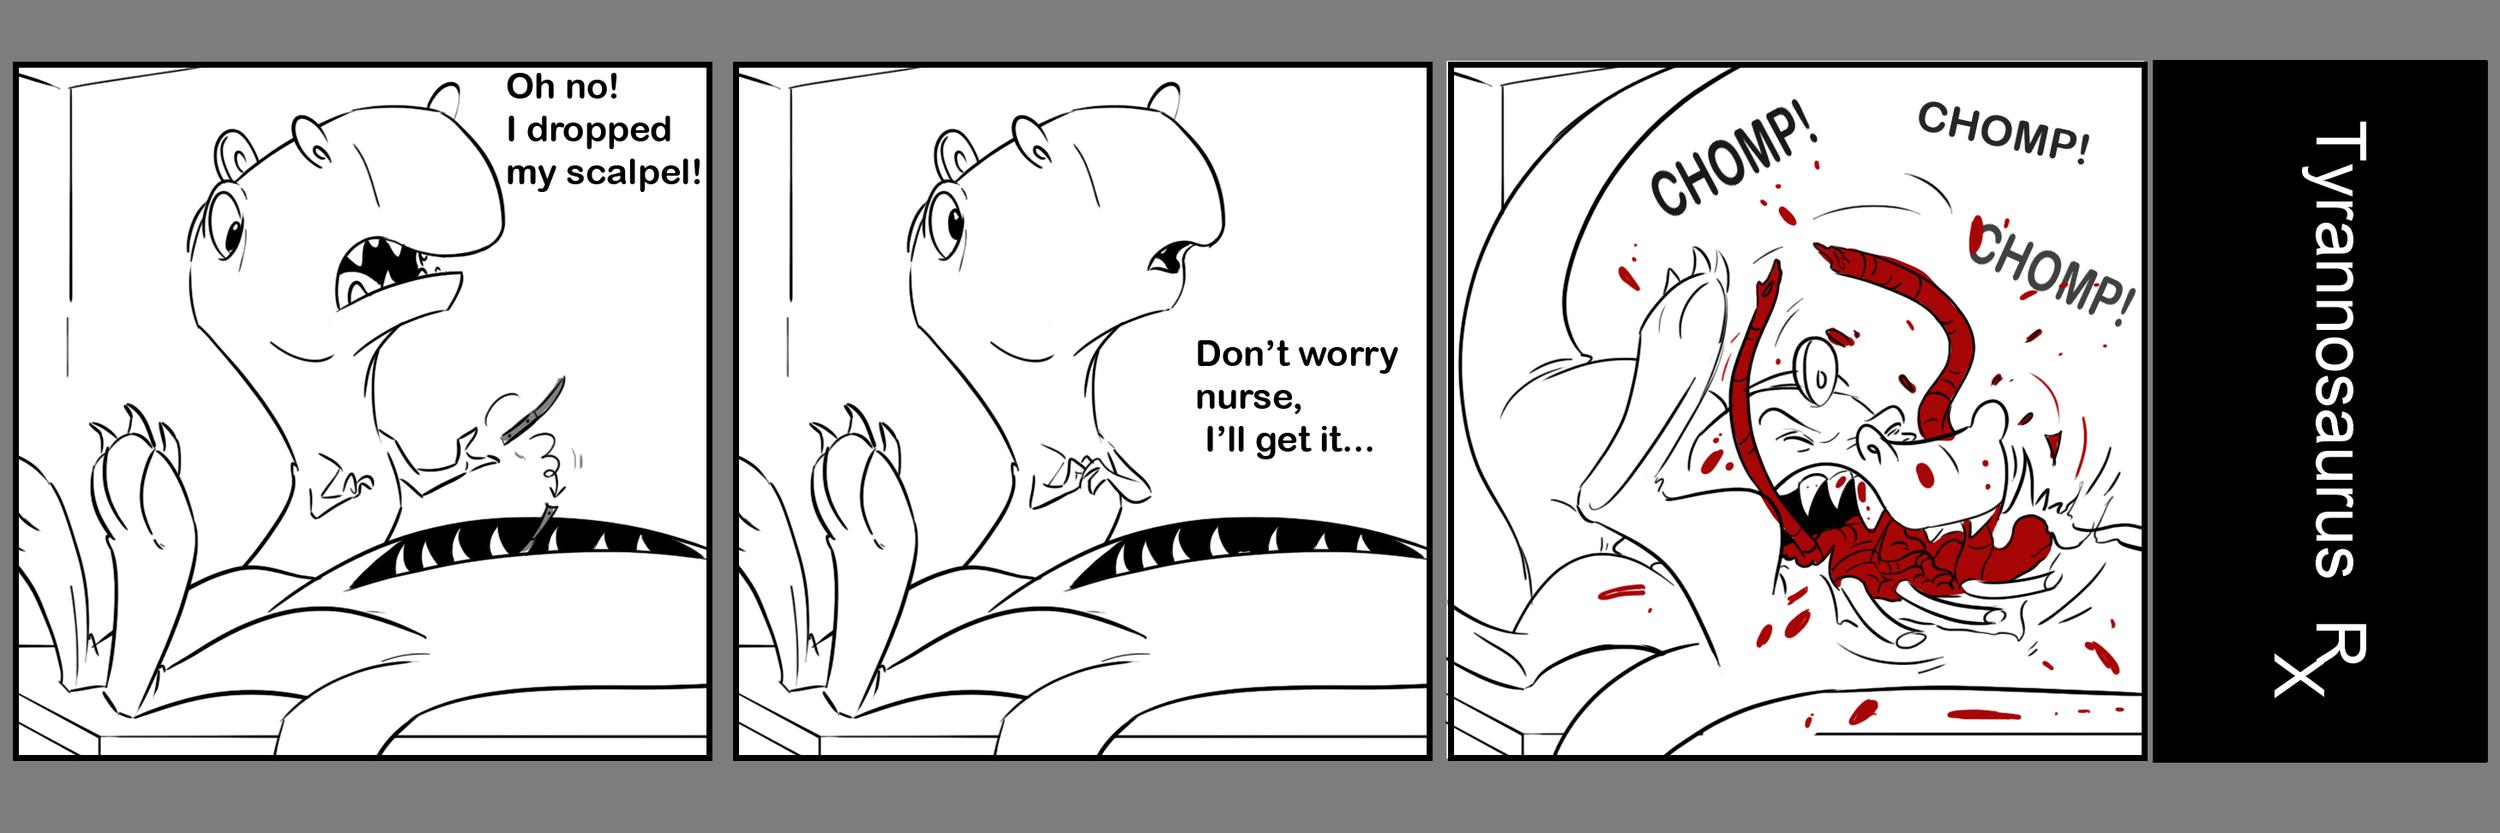 TRX_comic001.jpg